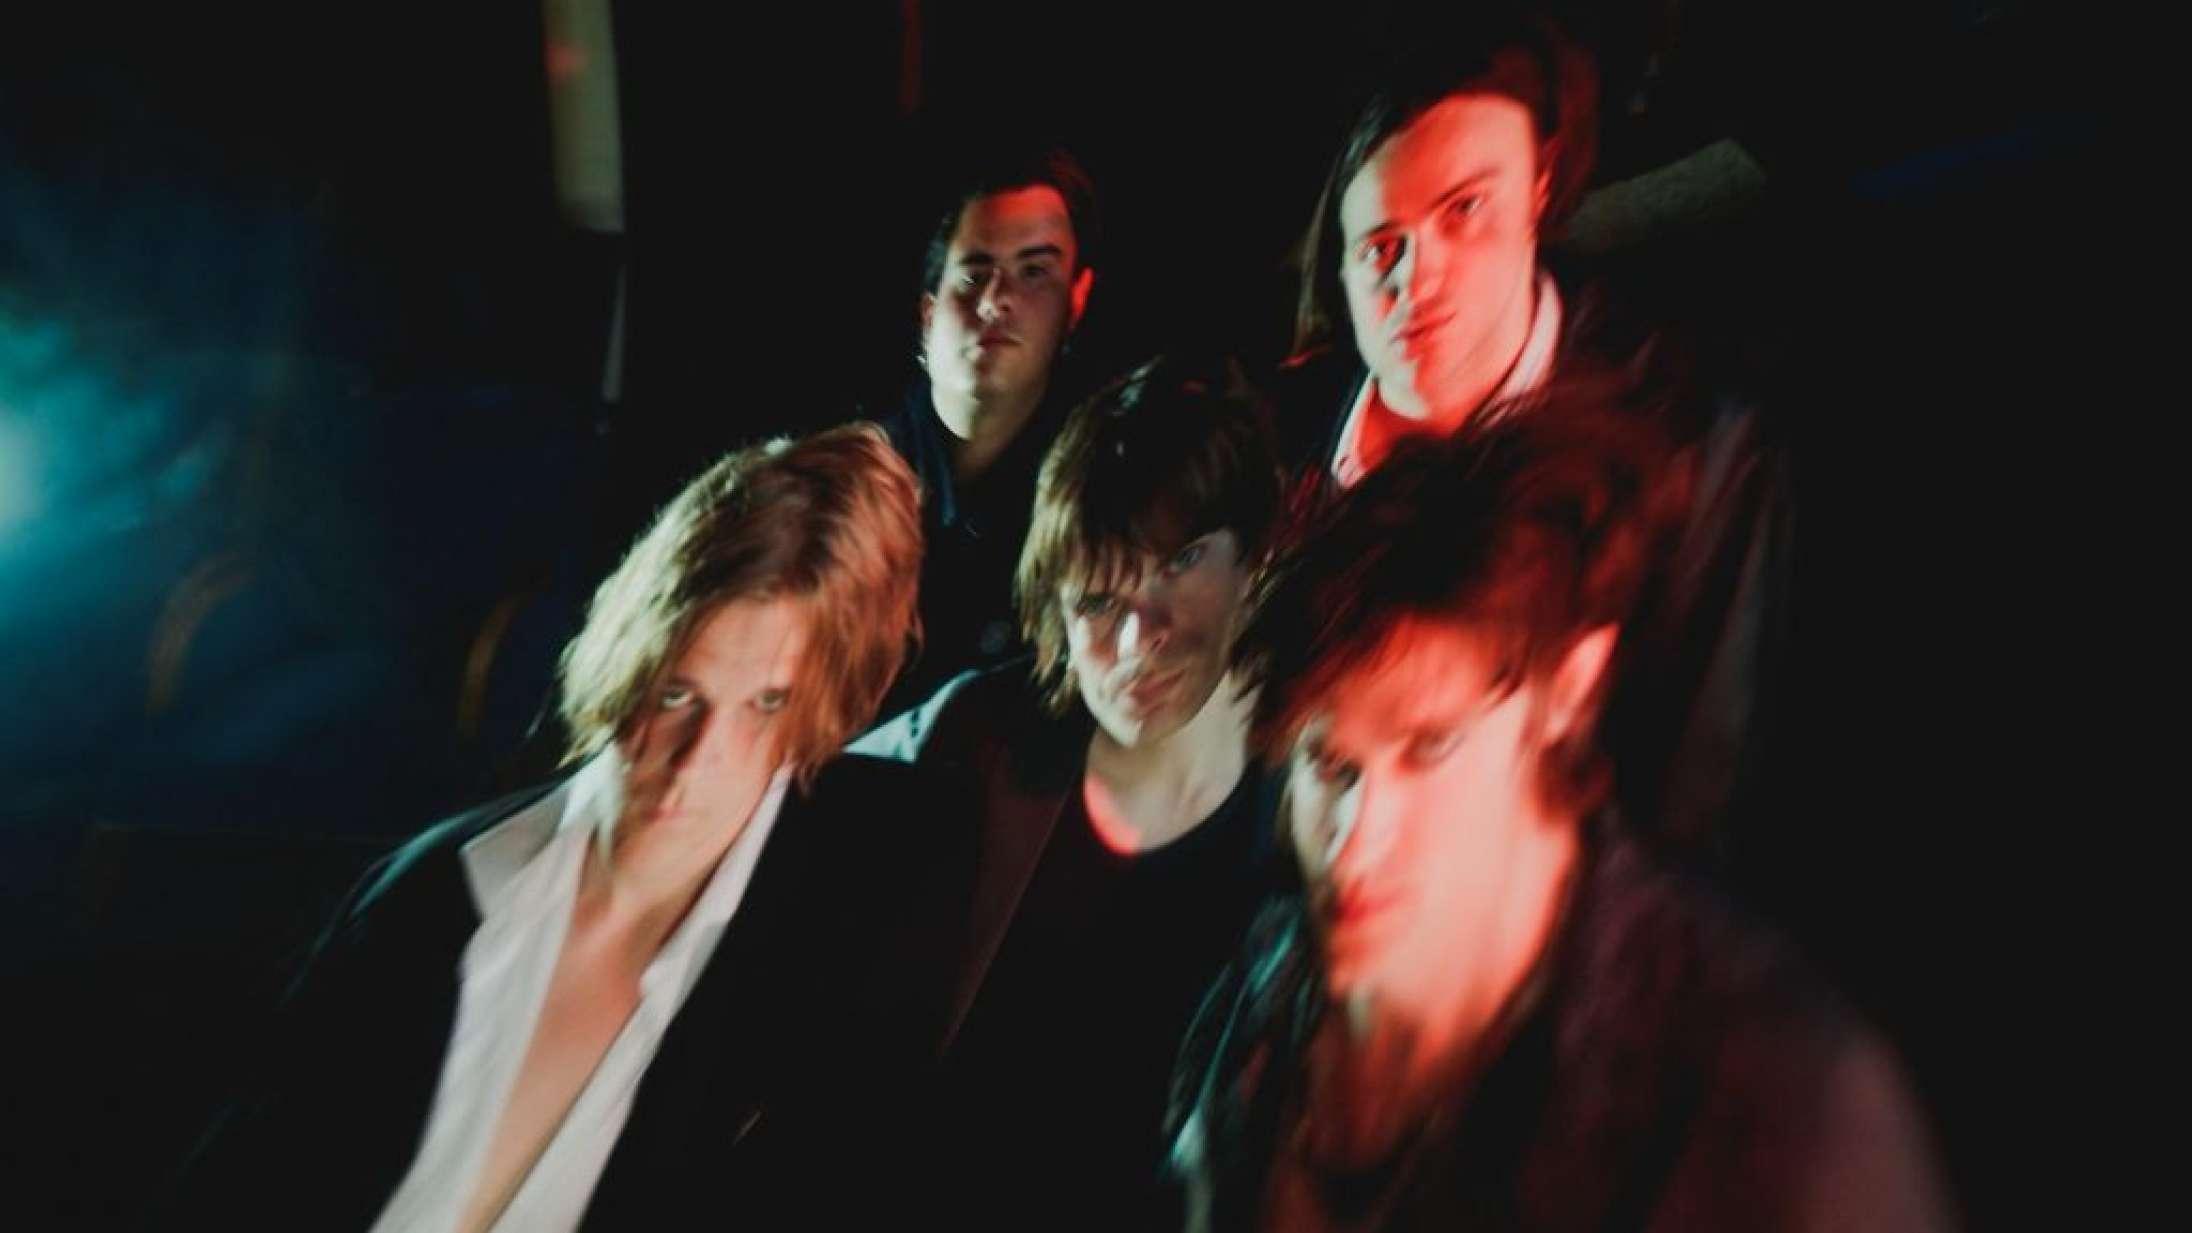 The Love Coffins andet album fører dem fornemt over i gothrockens verden